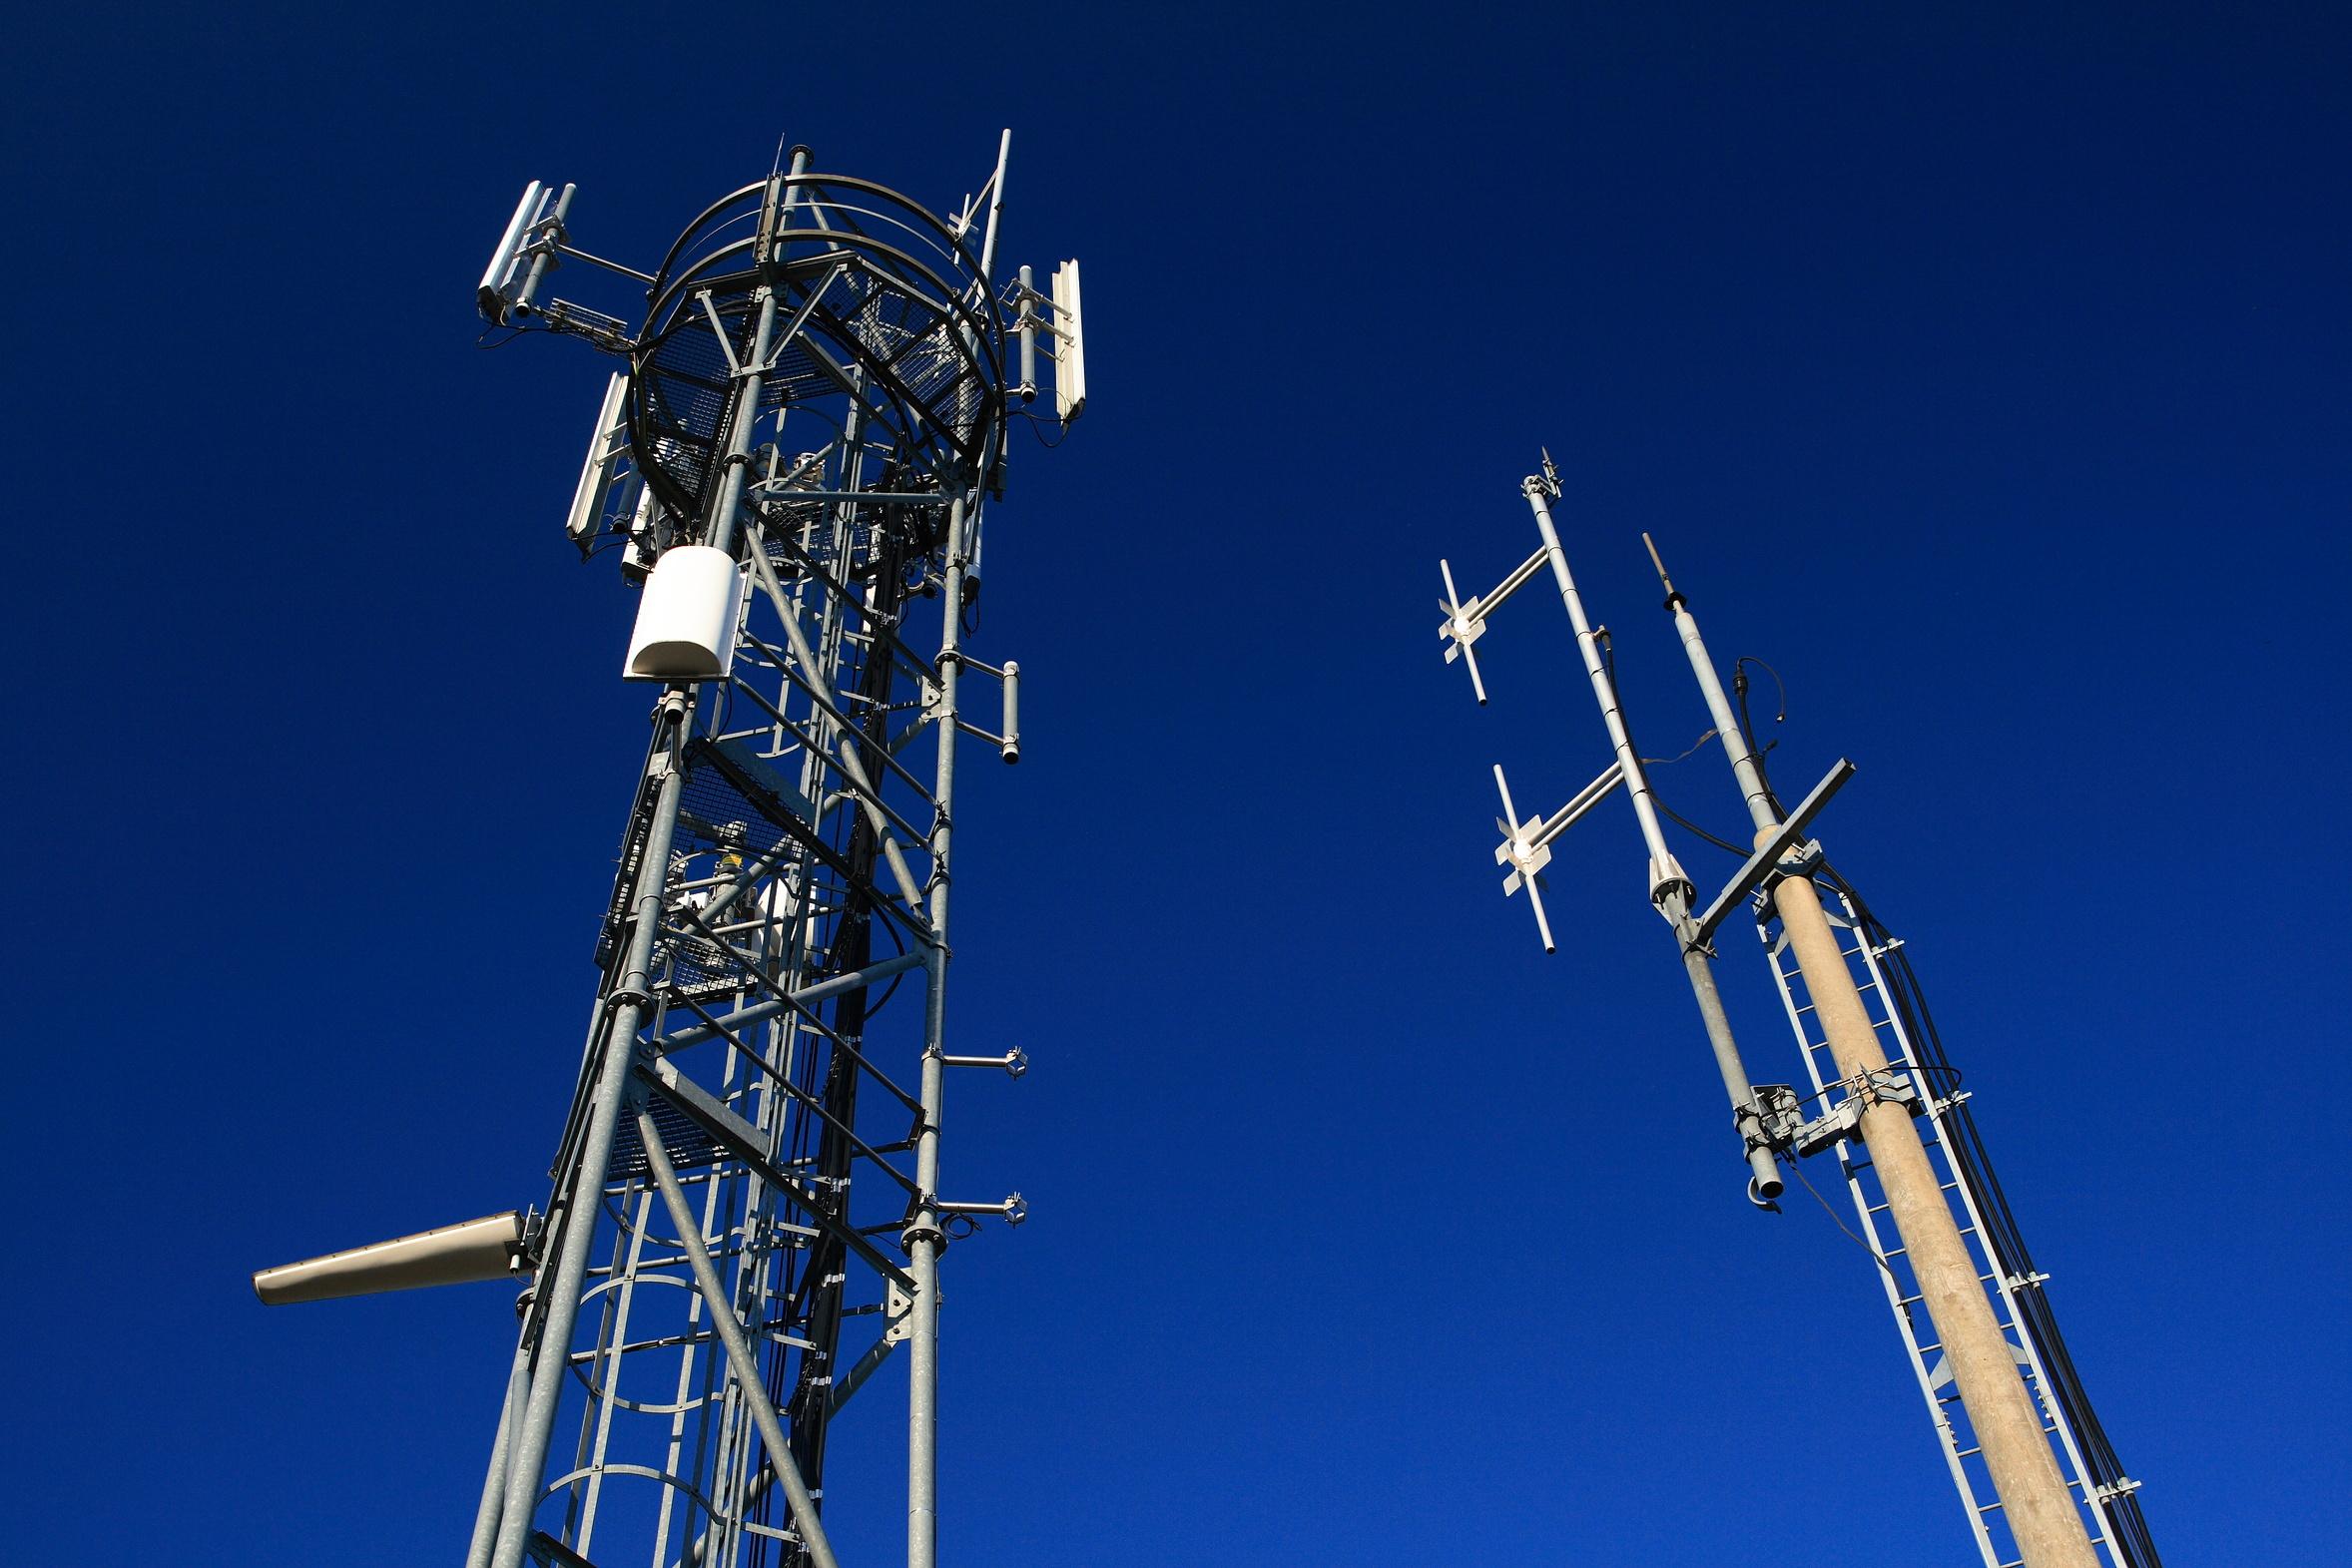 Mauvaise qualité de service: 7 opérateurs télécoms punis par le régulateur en Tanzanie